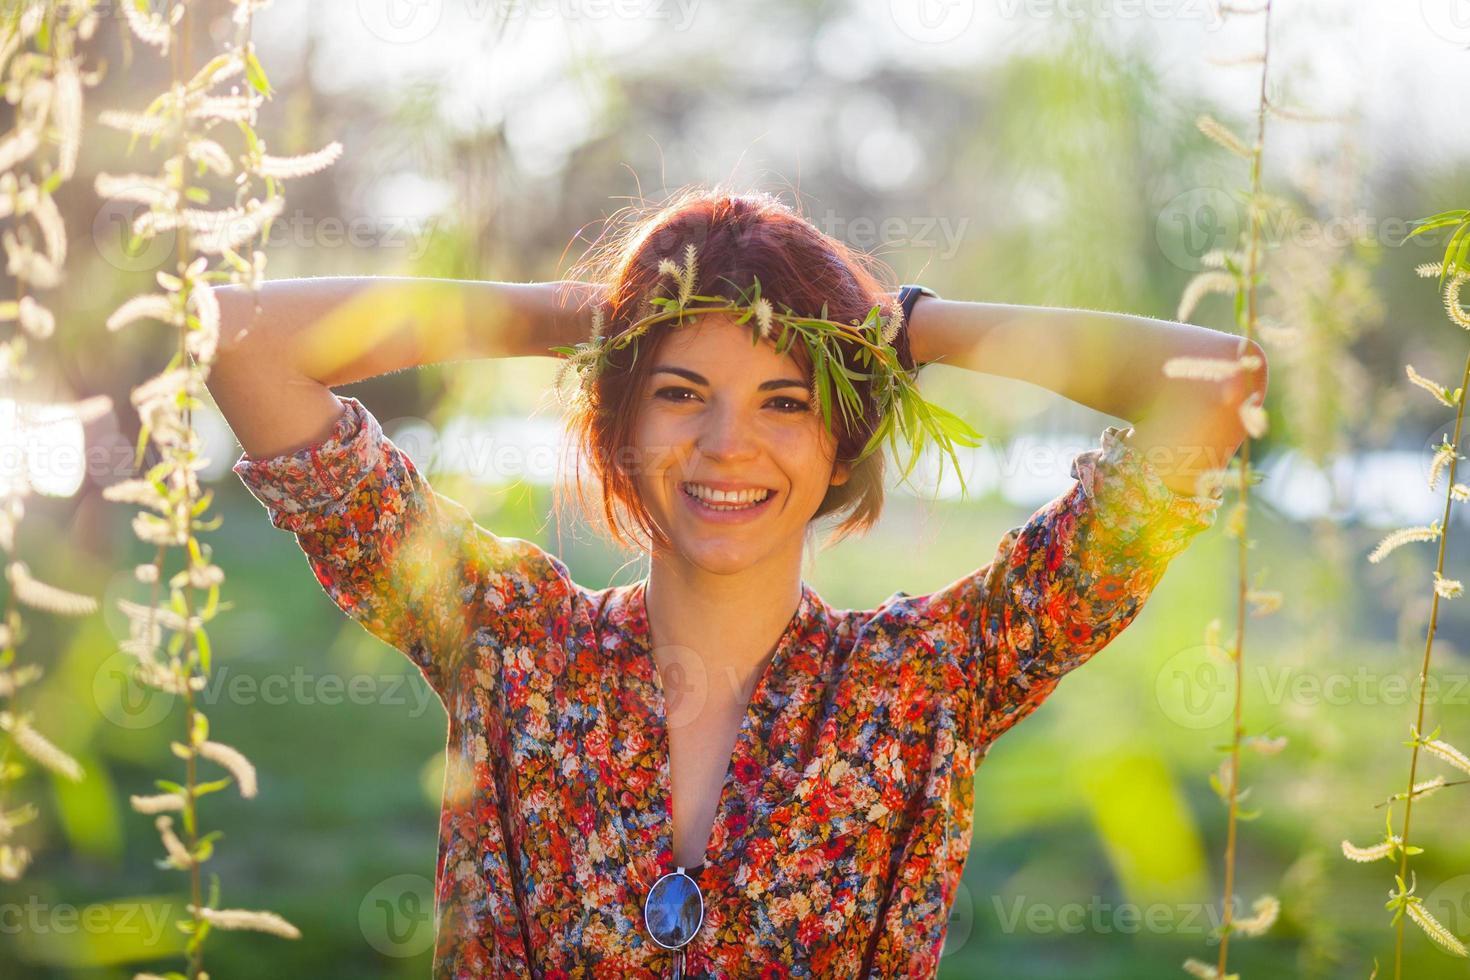 carina giovane donna con ghirlanda di rami foto